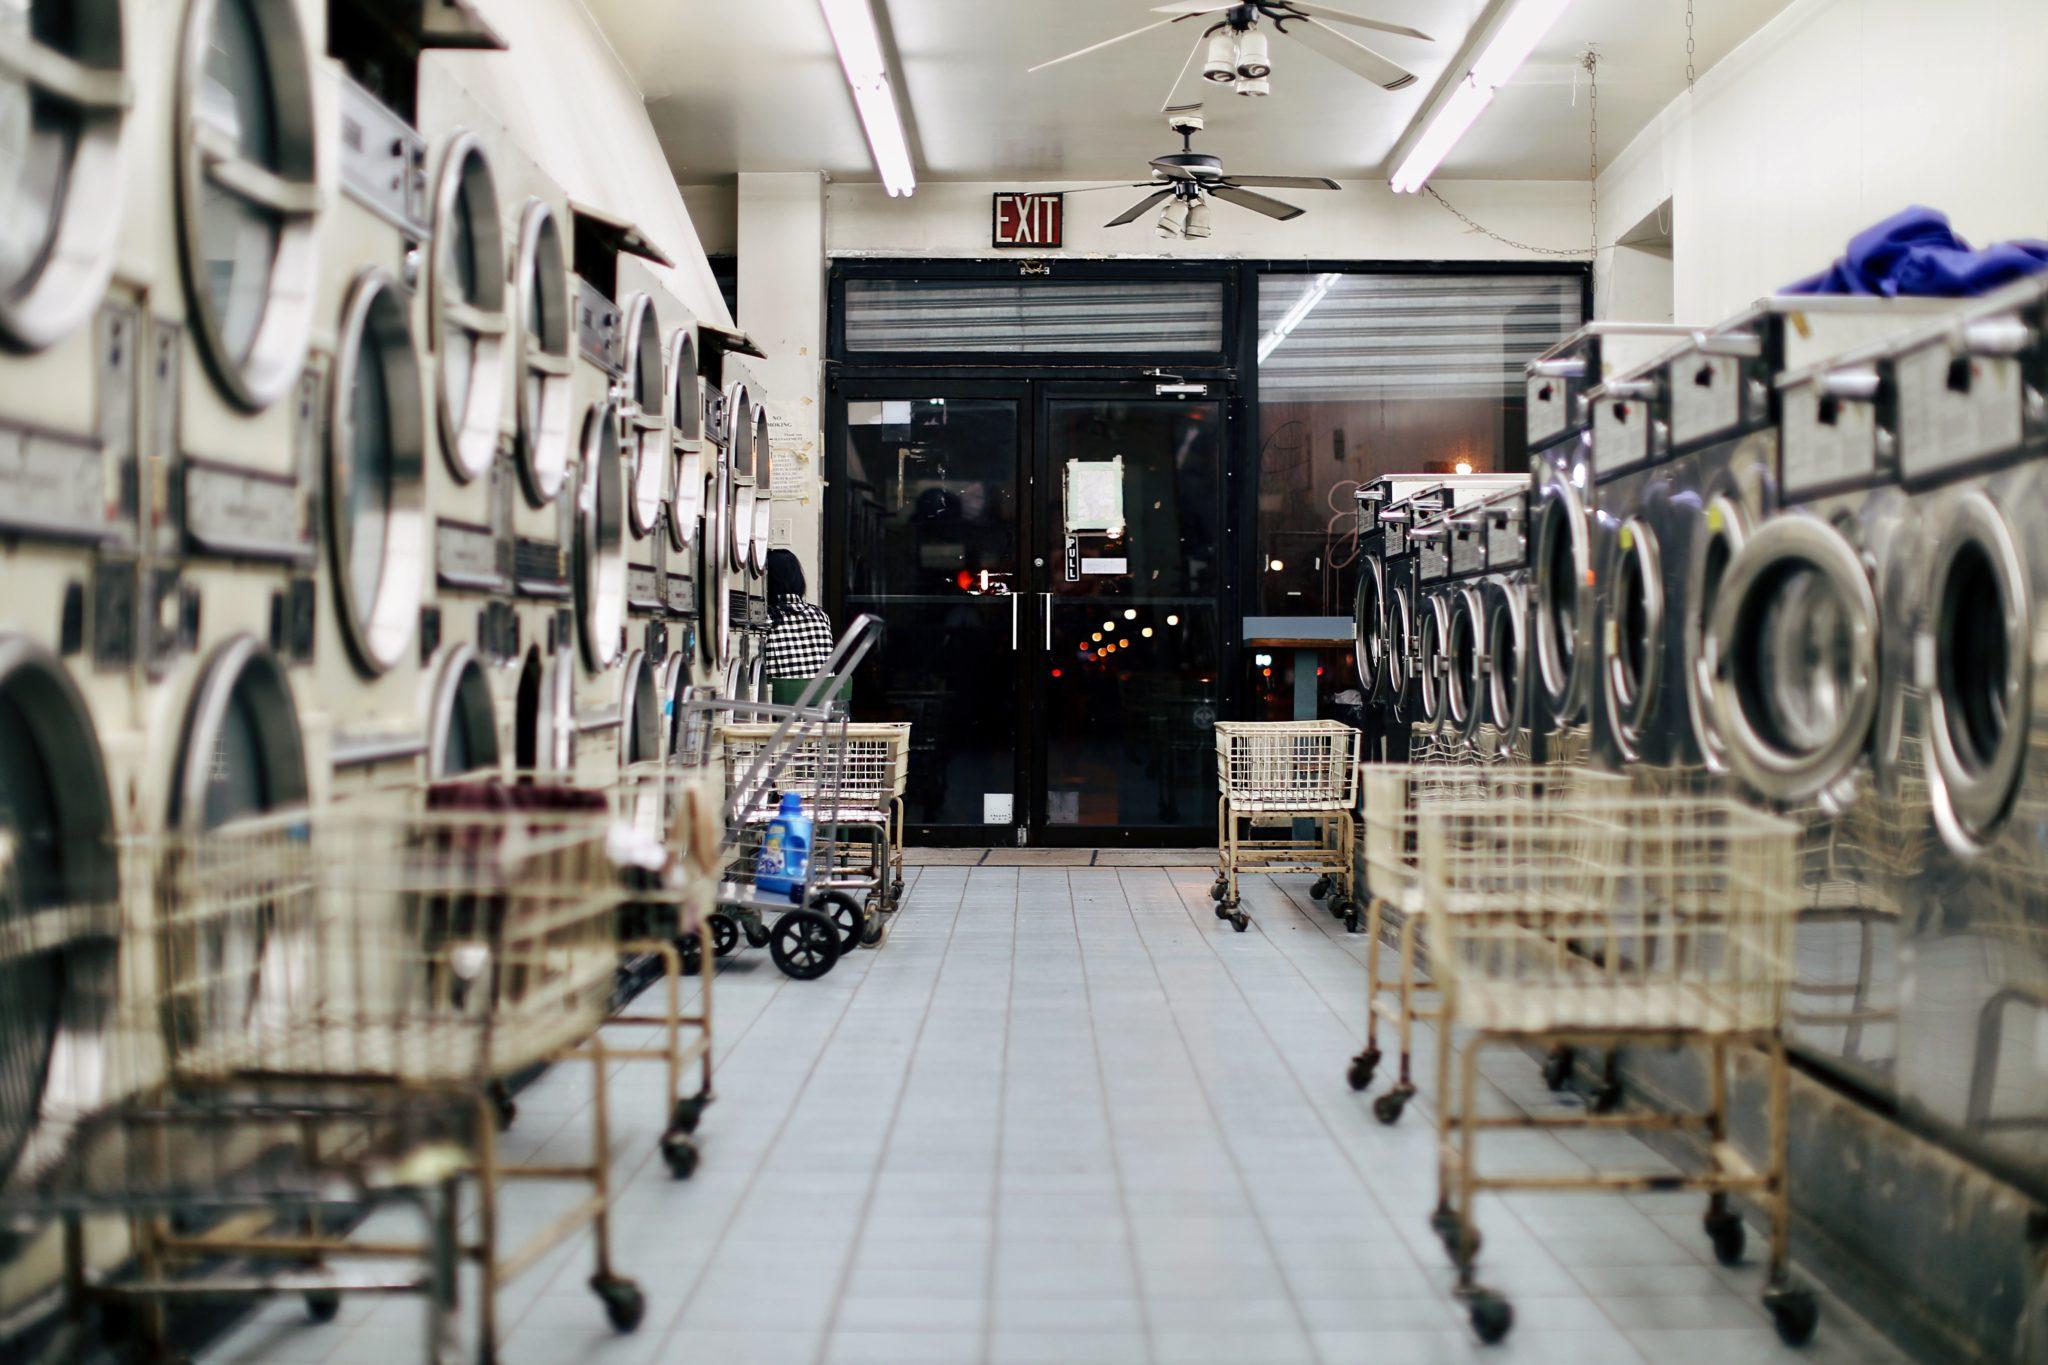 Bagaż podręczny czy rejestrowany - pralnia w podrózy - tanie podróżowanie